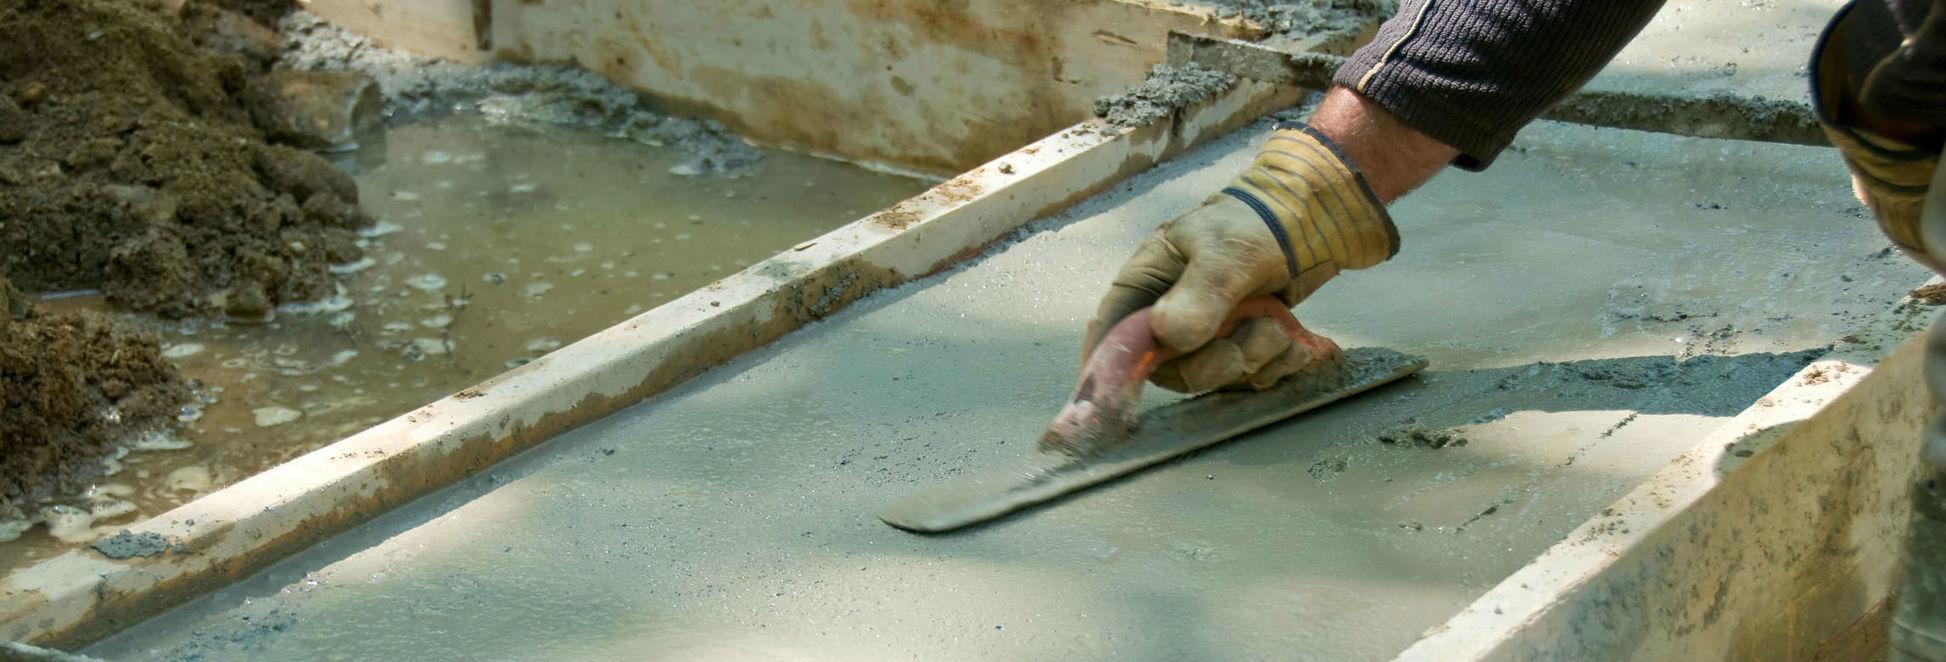 Видеть множество бетонных построек — вы будете под надежной защитой.